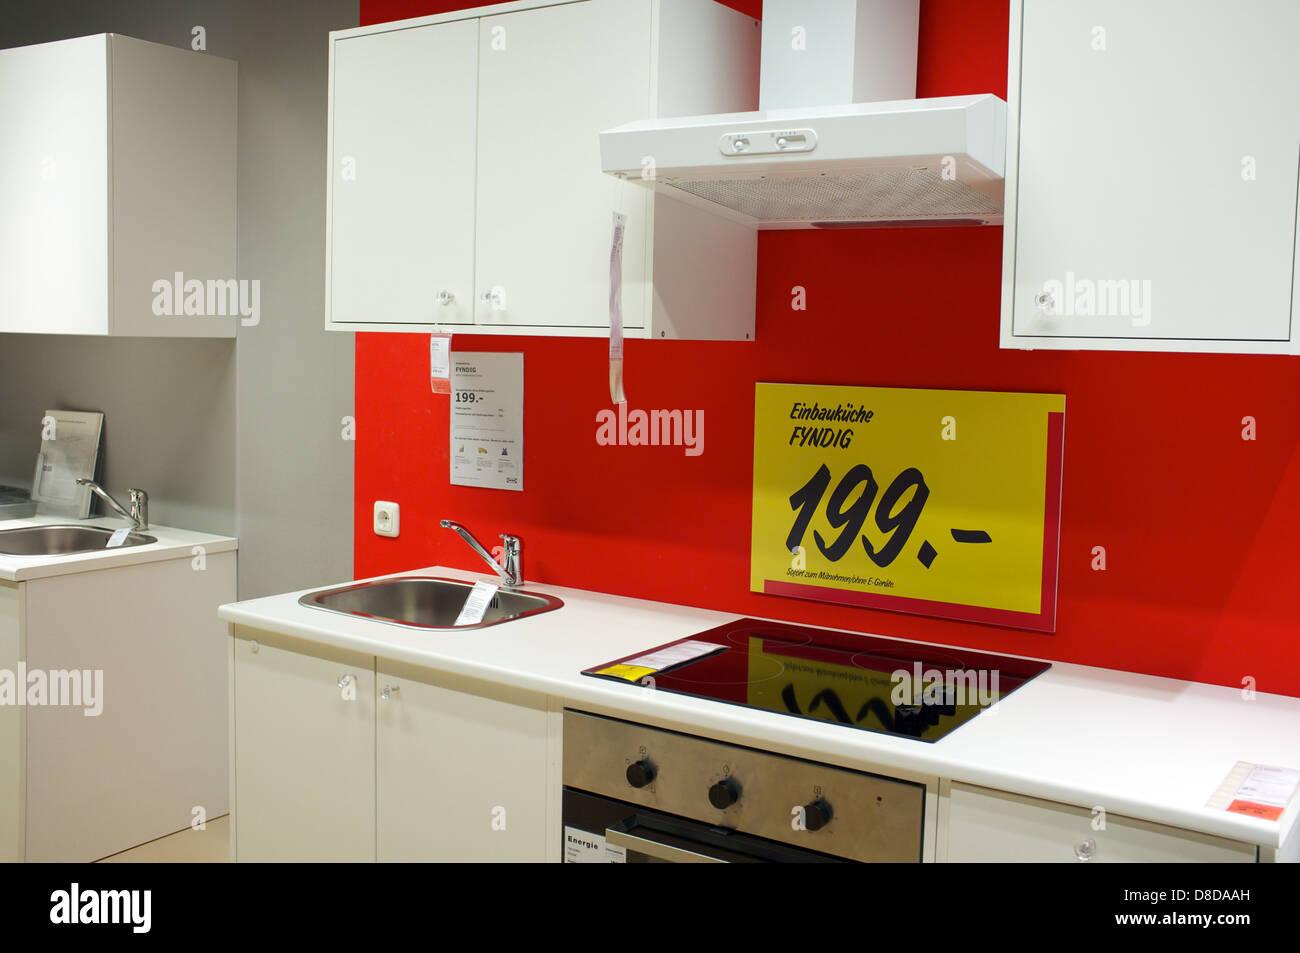 IKEA Küche Preis in Euro Stockfoto, Bild: 56841865 - Alamy